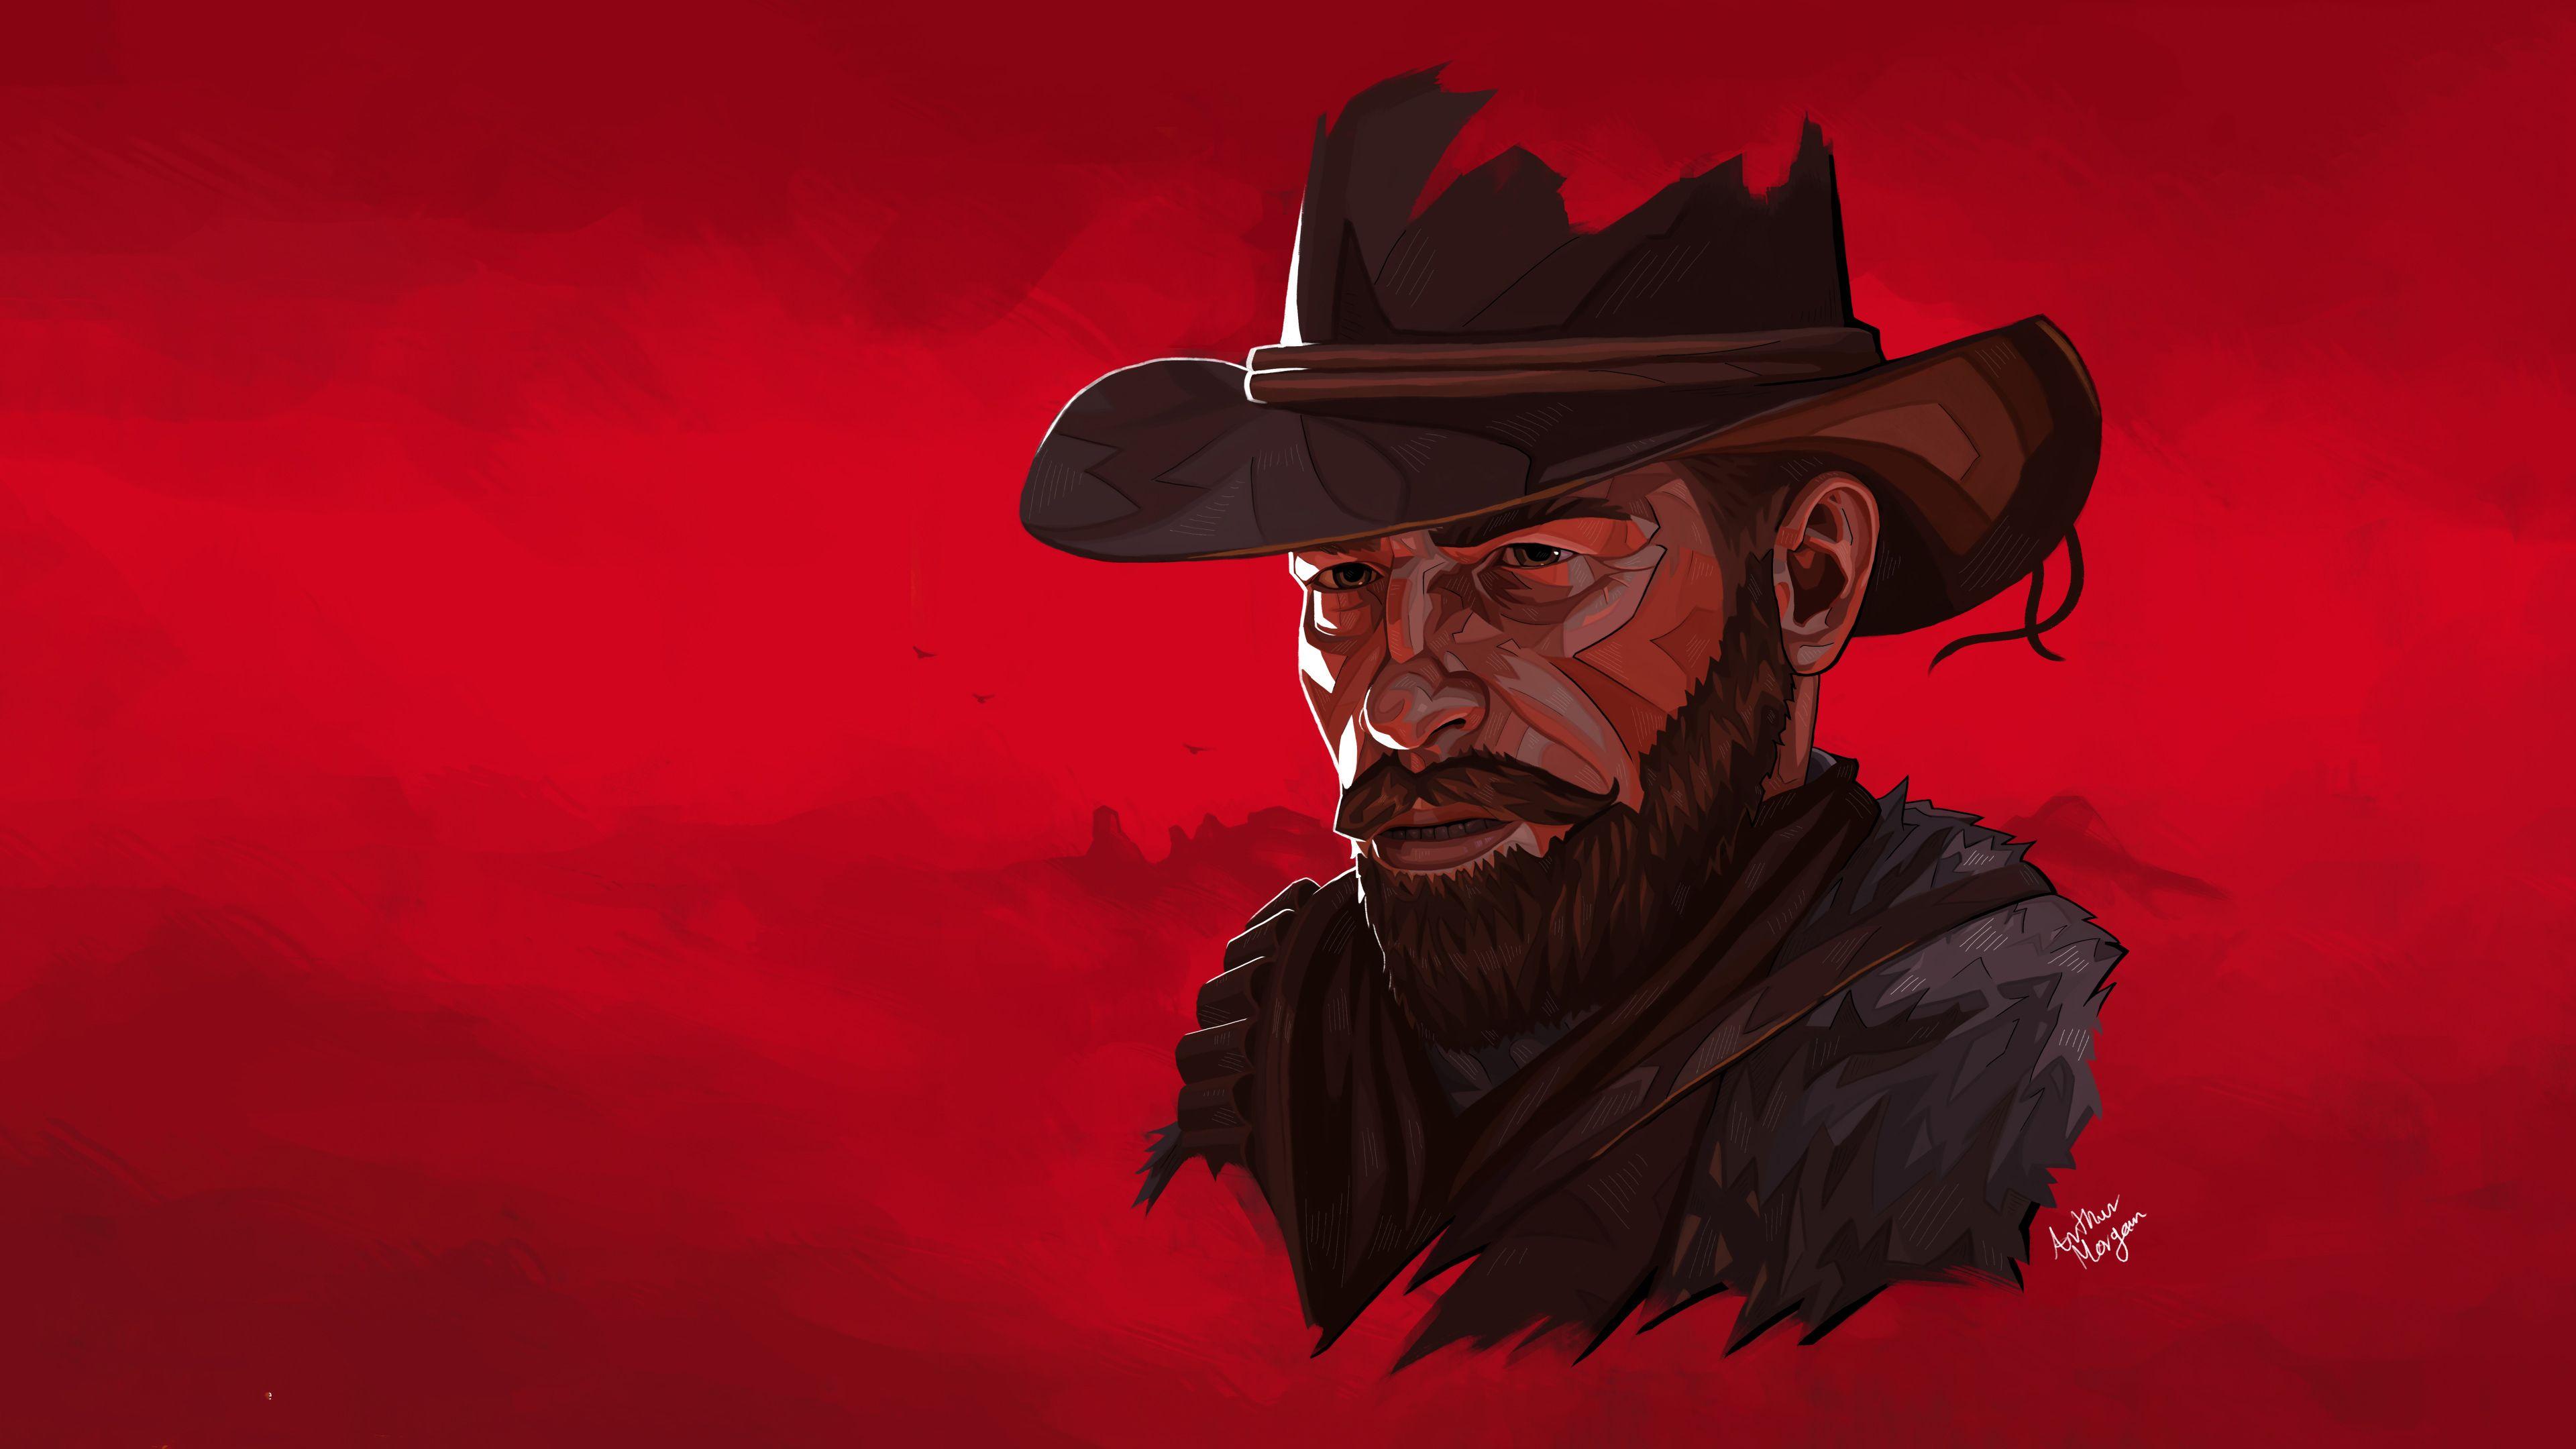 Arthur Morgan Red Dead Redemption 2 4k 2019 Red Dead Redemption 2 Wallpapers Hd Wallpapers Games Wallpaper Red Dead Redemption Red Dead Redemption Ii Fan Art